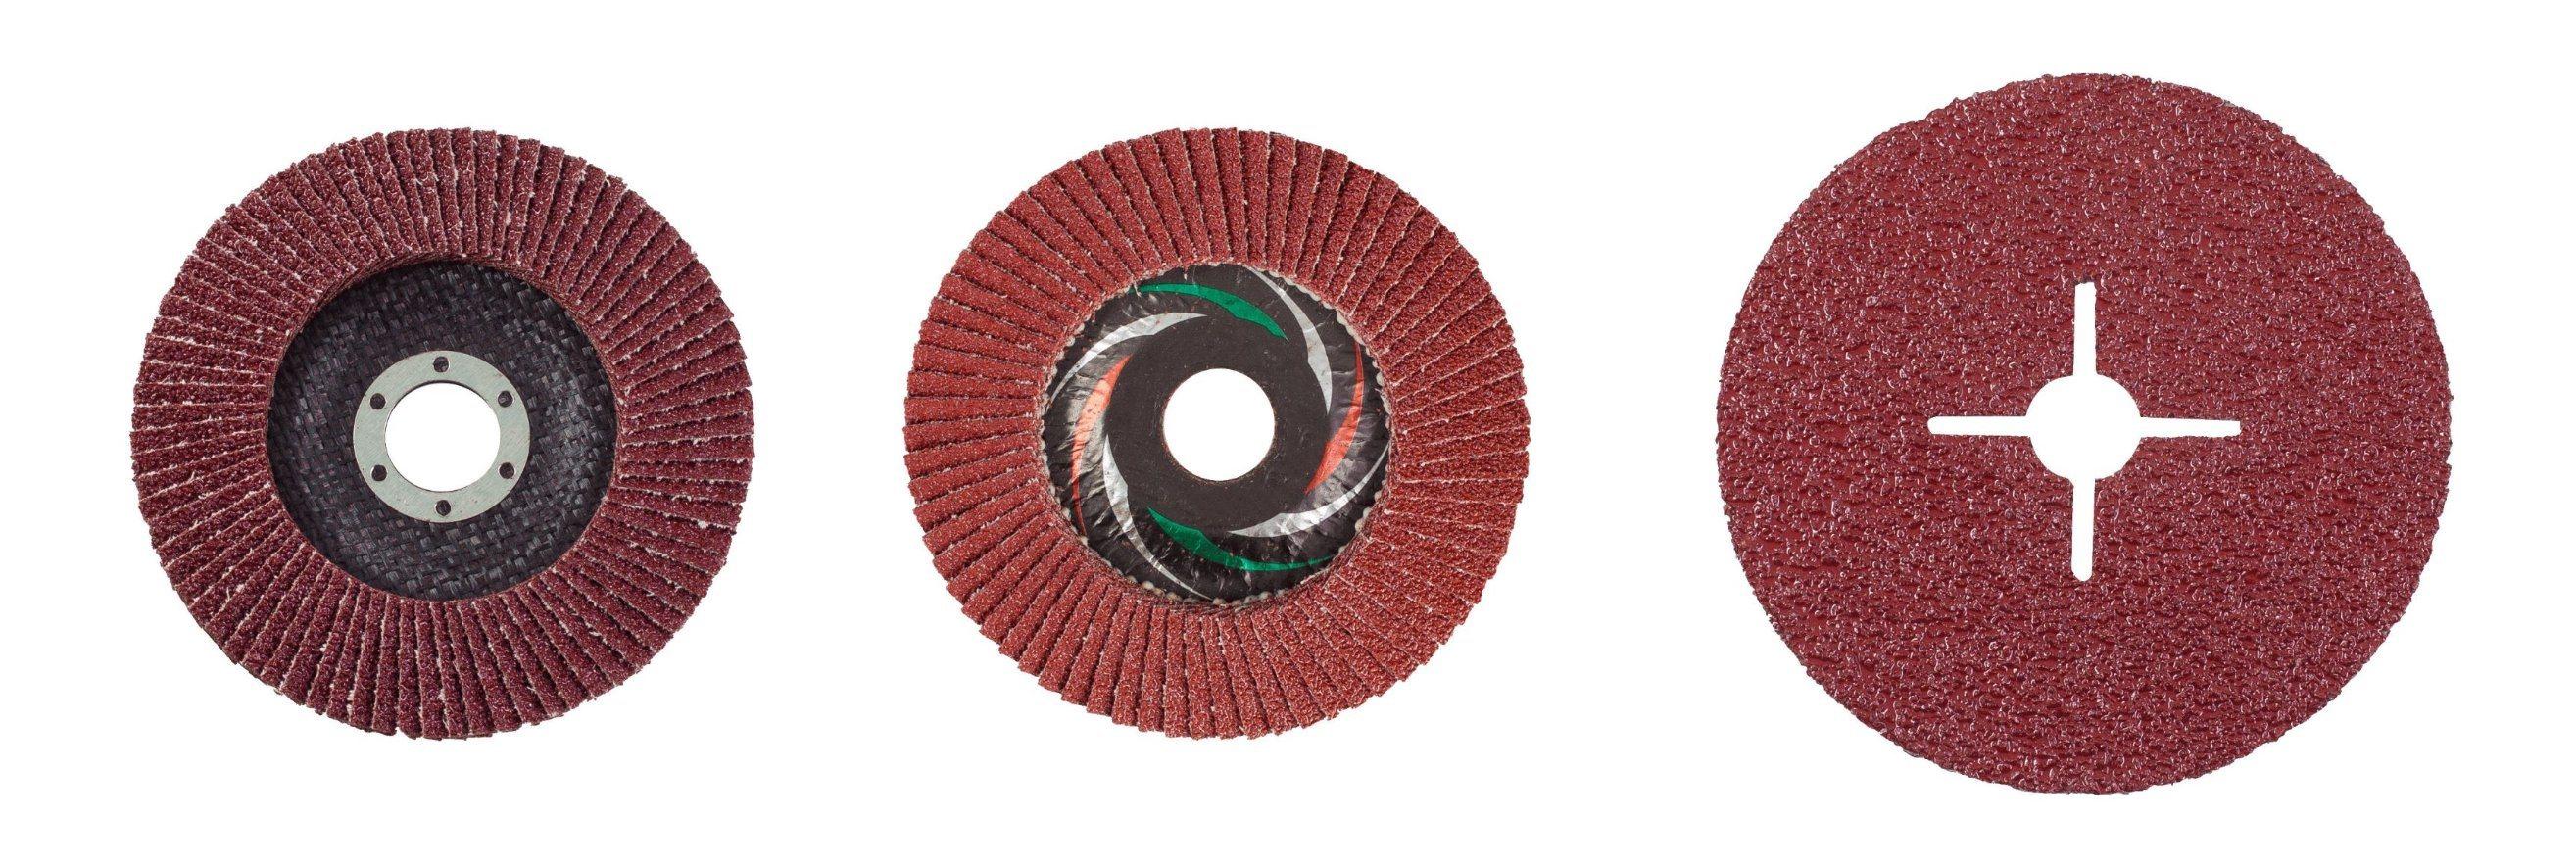 """200 Pack 4.5/"""" Zirconia Resin Fiber Disc 120 Grit 4-1//2/"""" Grinding /& Sanding Discs"""